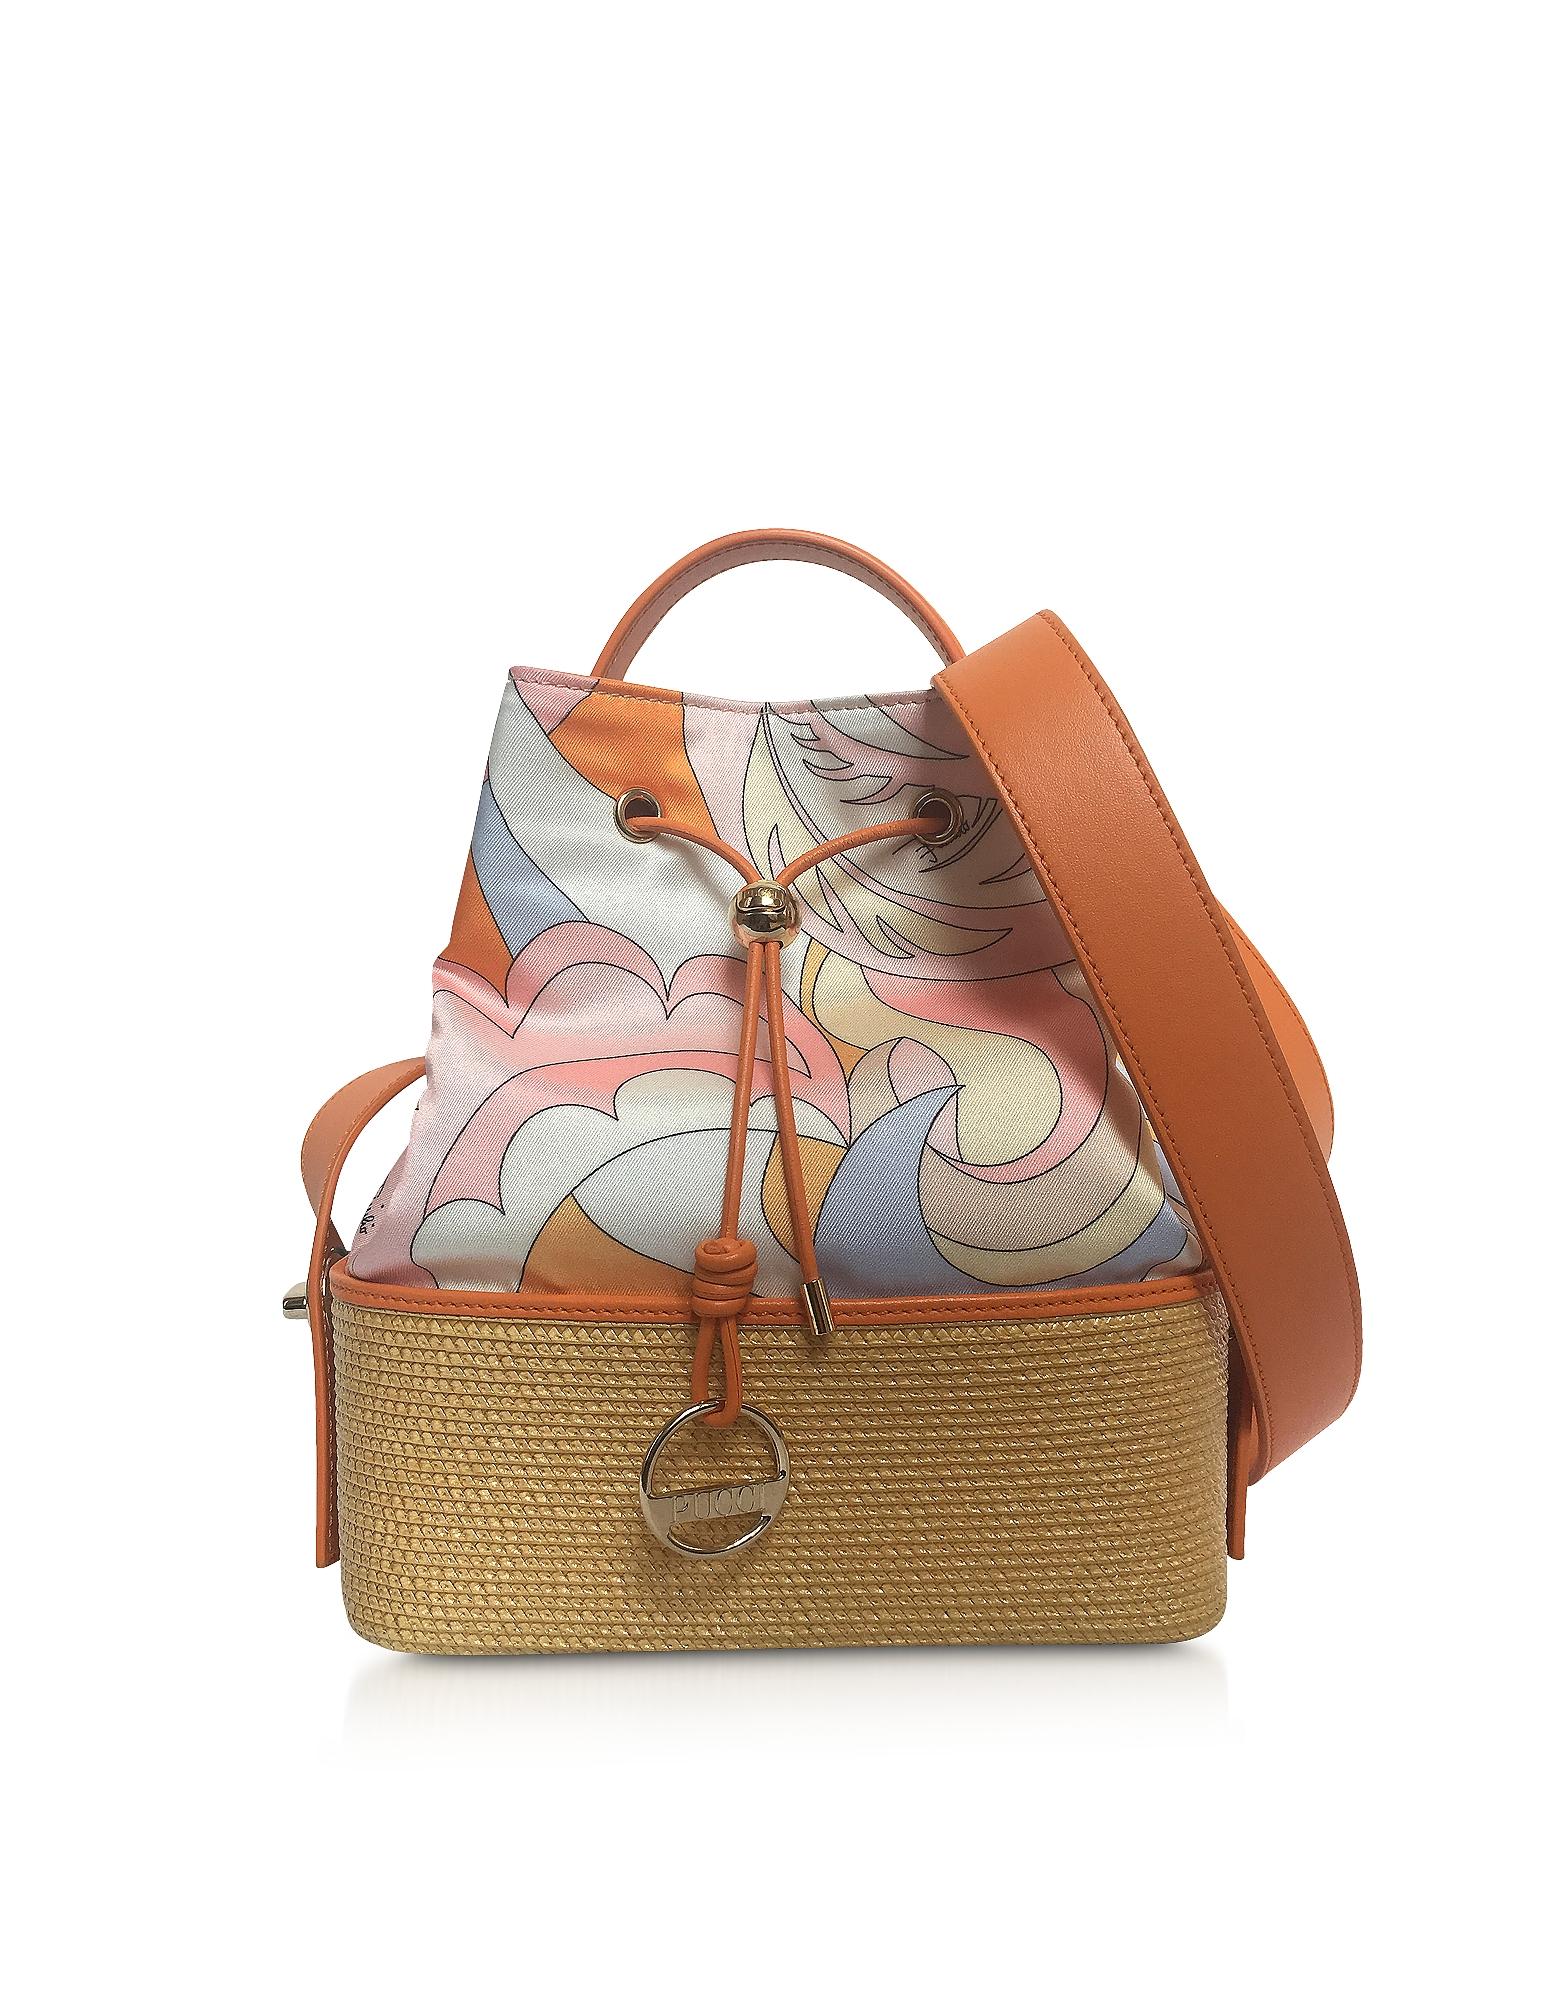 Emilio Pucci Handbags, Viscose and Cotton Bucket Bag